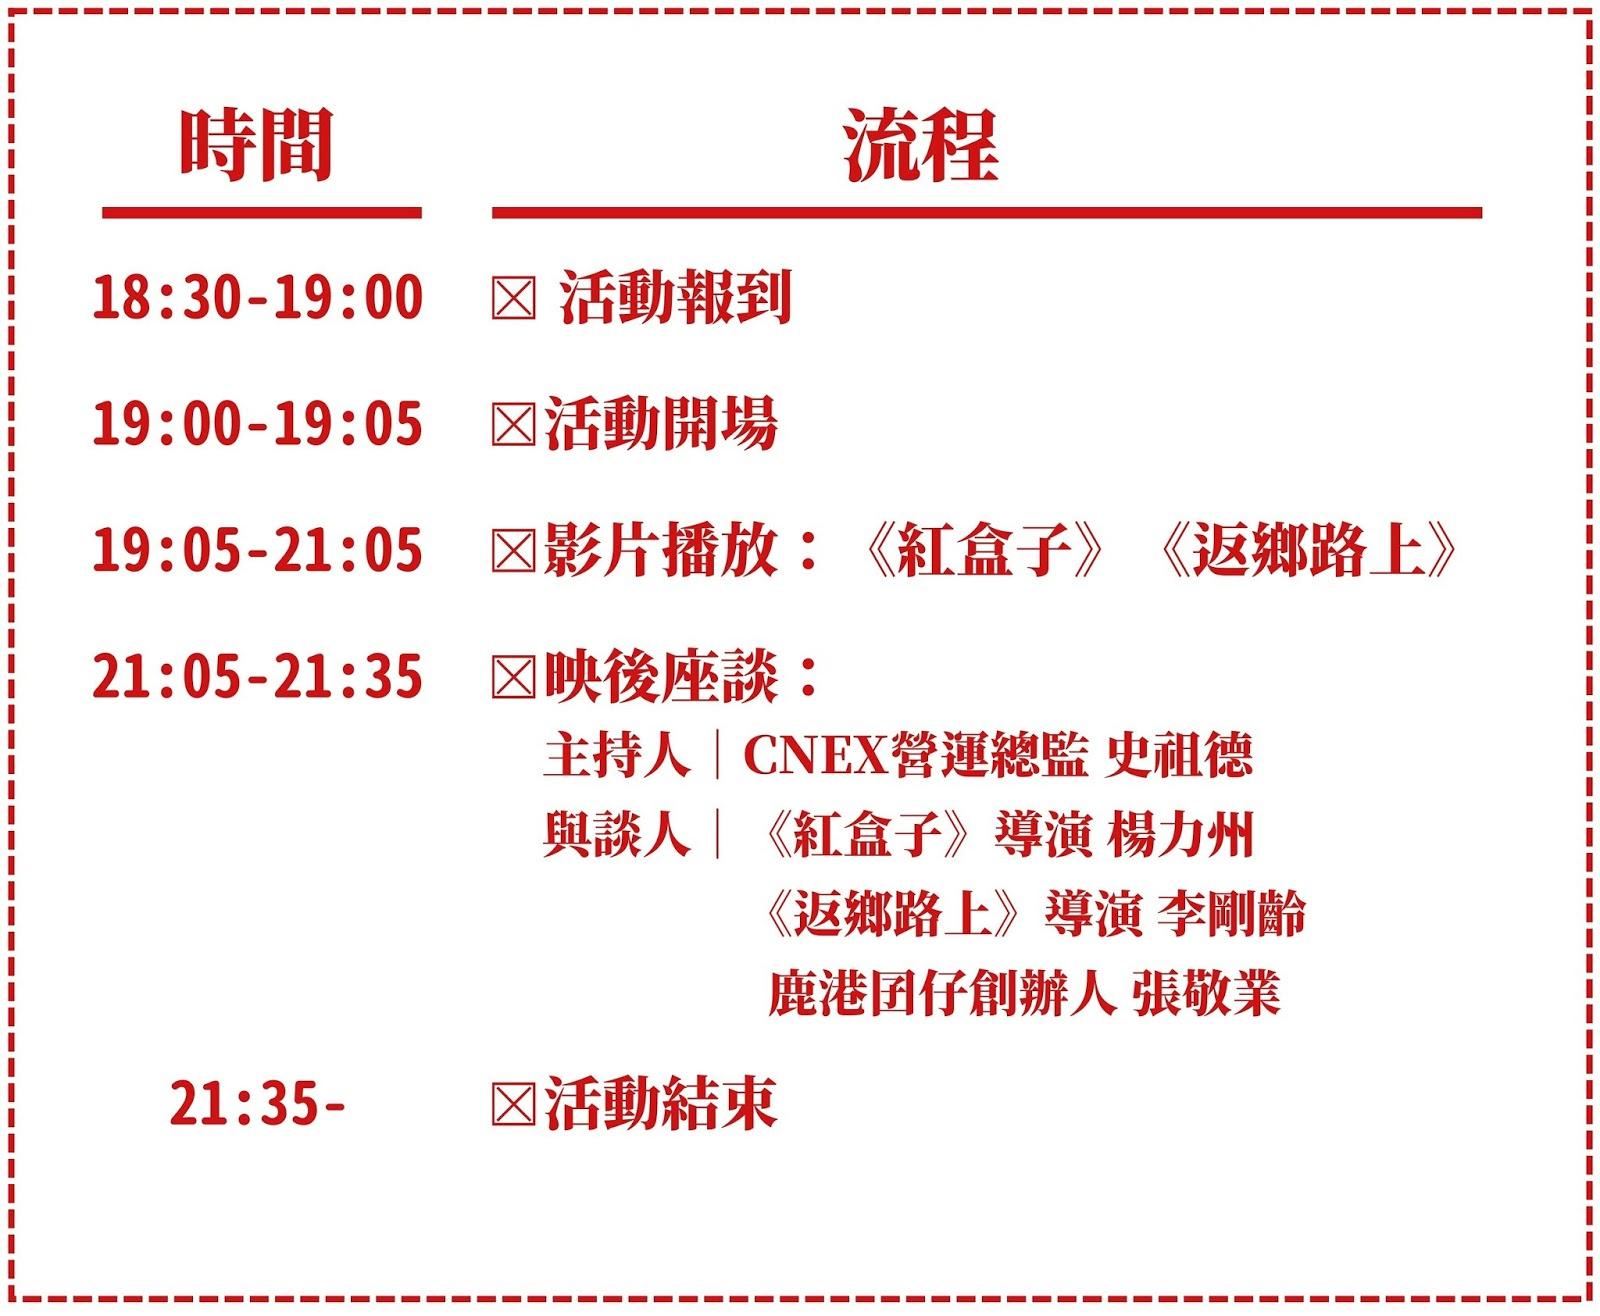 「藝術在民間」楊力州導演《紅盒子》放映座談|Accupass 活動通